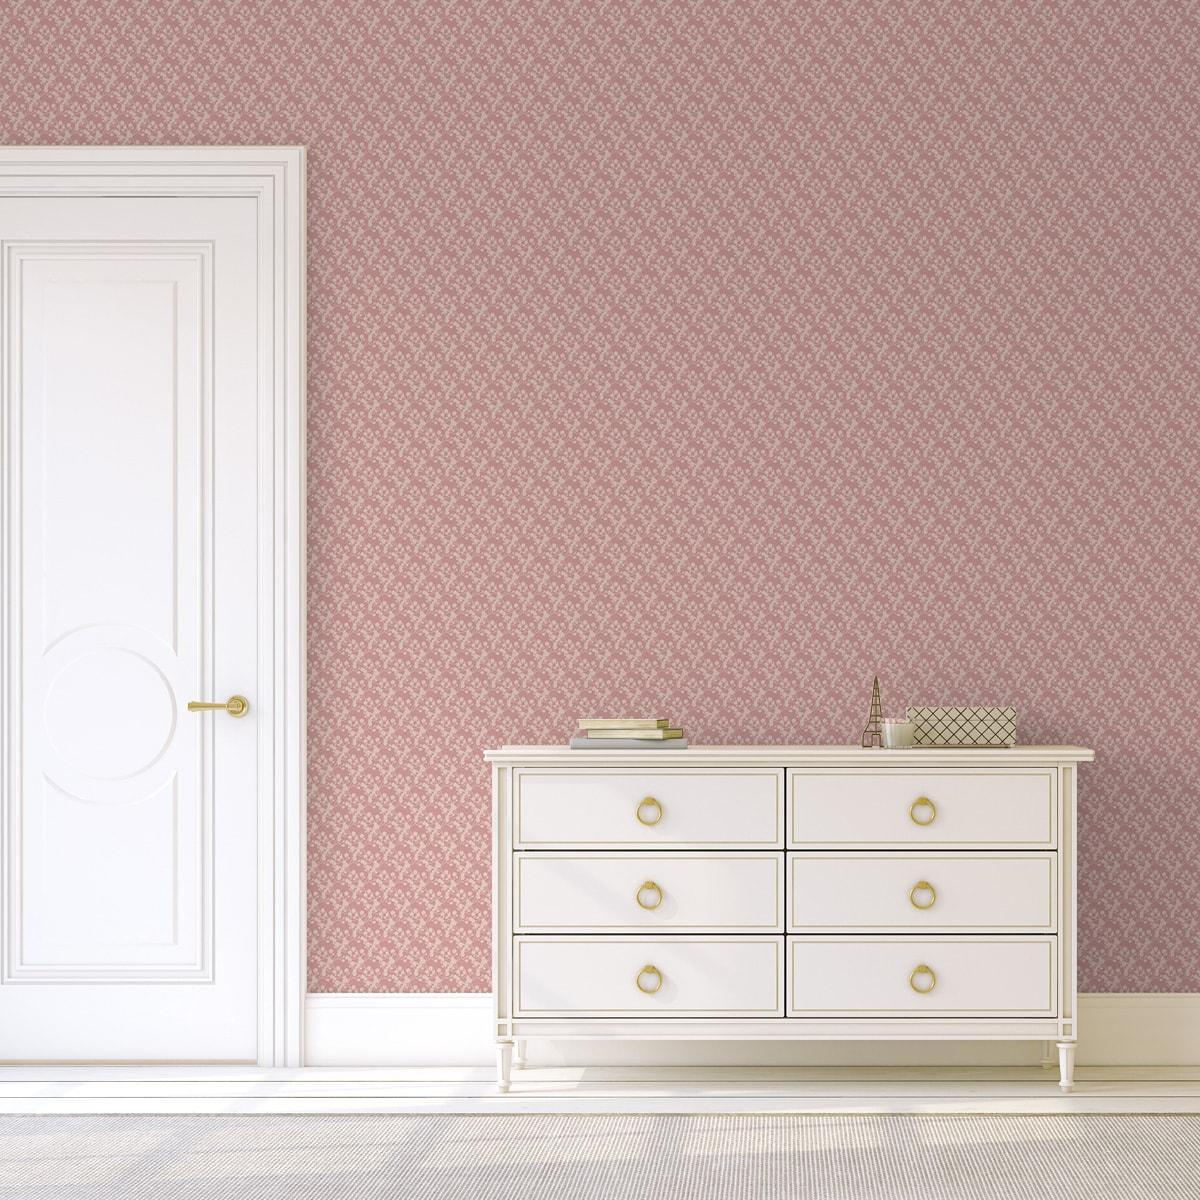 """Rosa Tapete """"Sensaina"""" mit Blüten Dolden, Vlies Tapete Blumen, delikate, leichte Blumentapete für Wohnzimmer  3"""